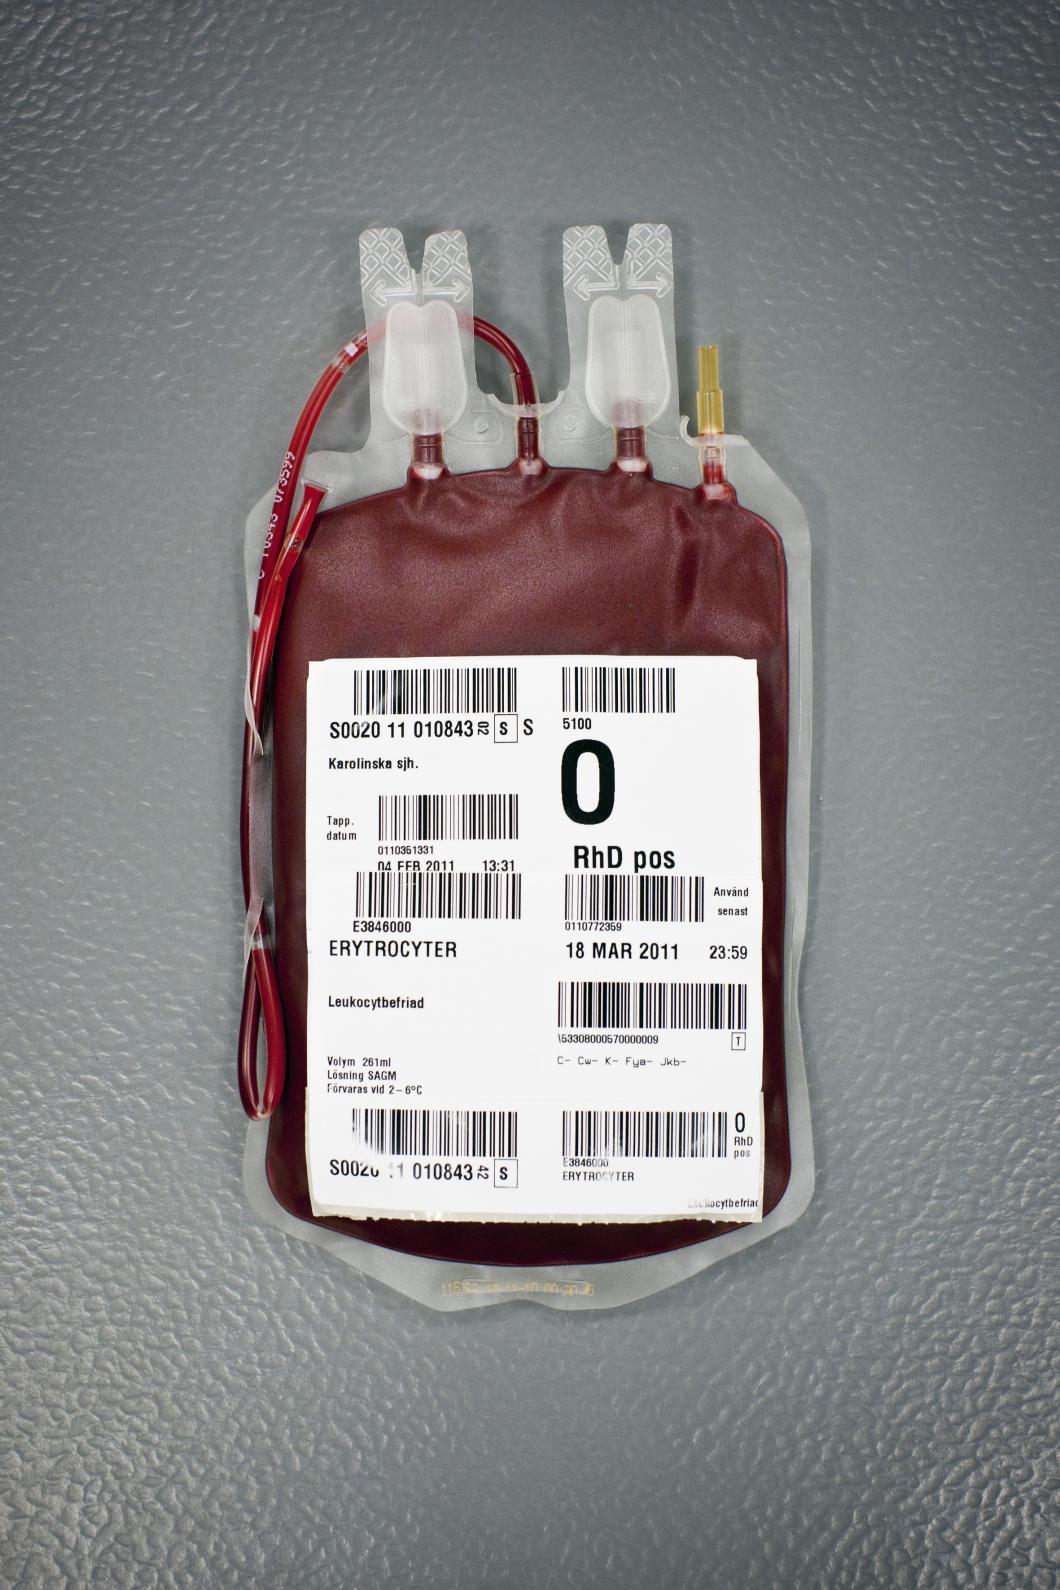 Blodcentralerna vägrar män som haft sex med män lämna blod